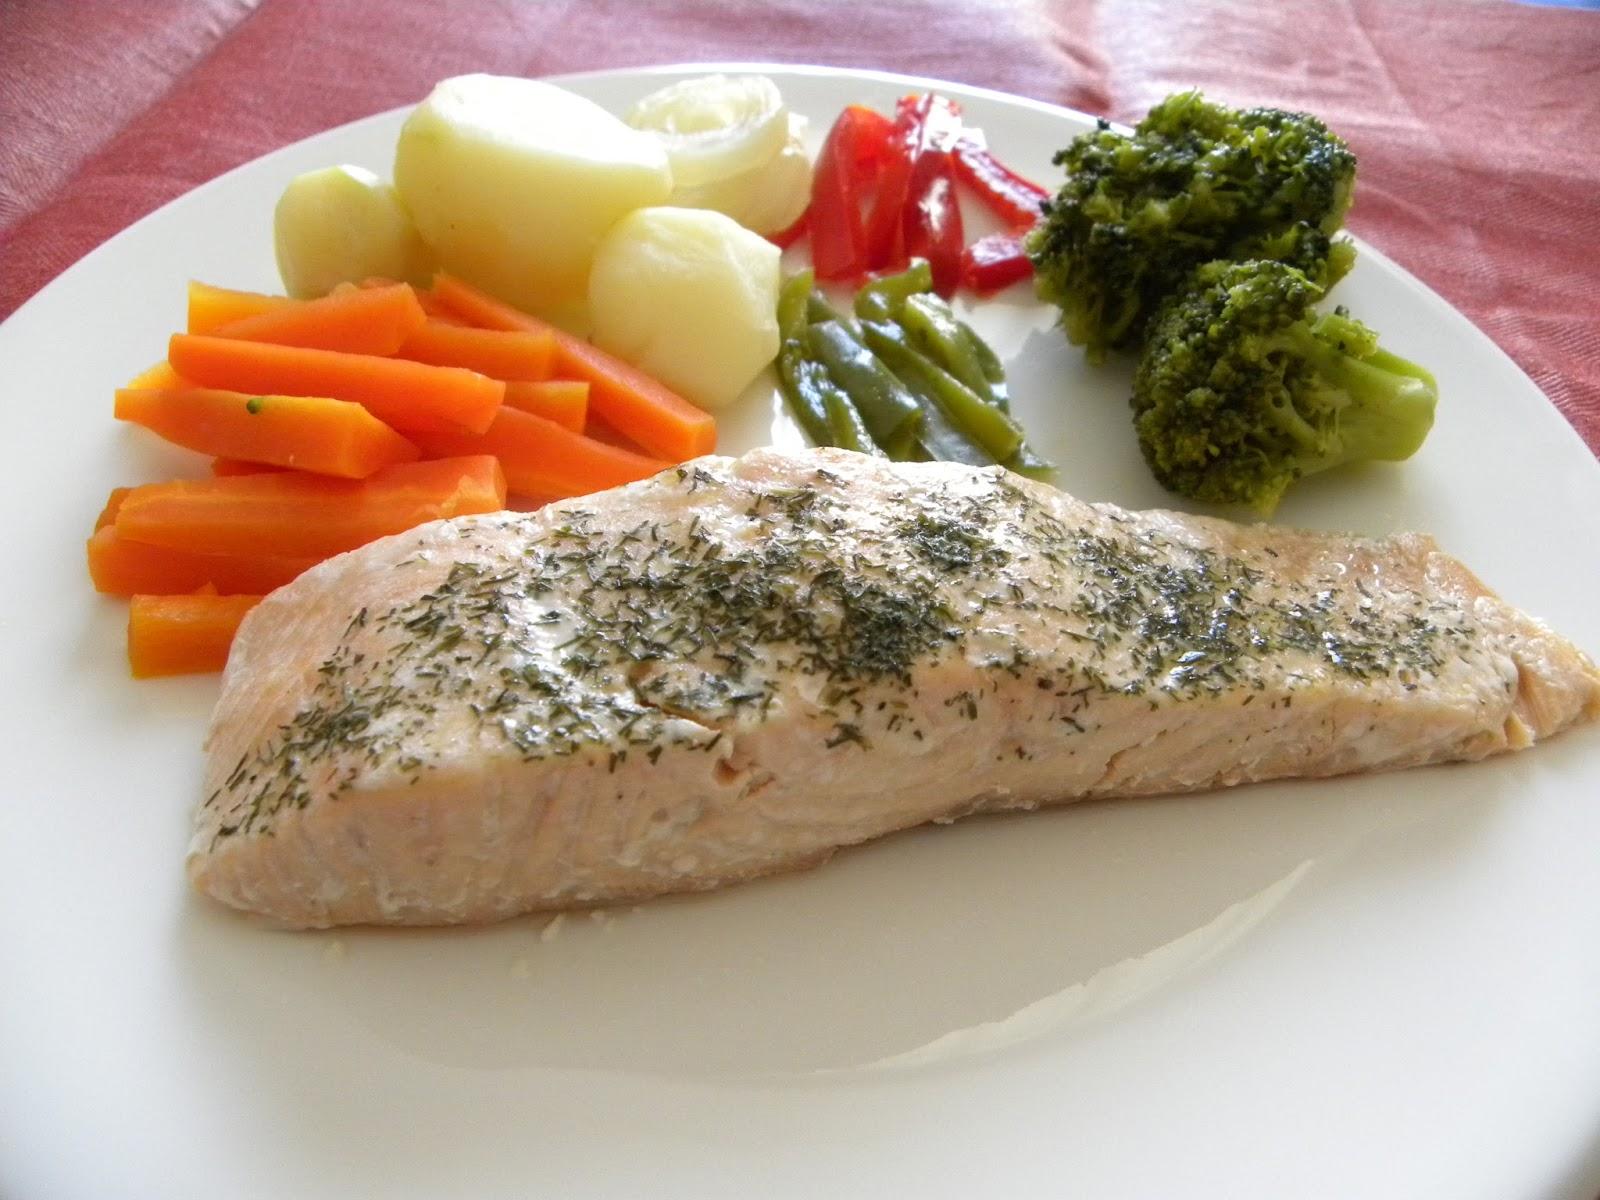 Trasteando en mi cocina salm n al vapor con verduras for Cocinar zanahorias al vapor